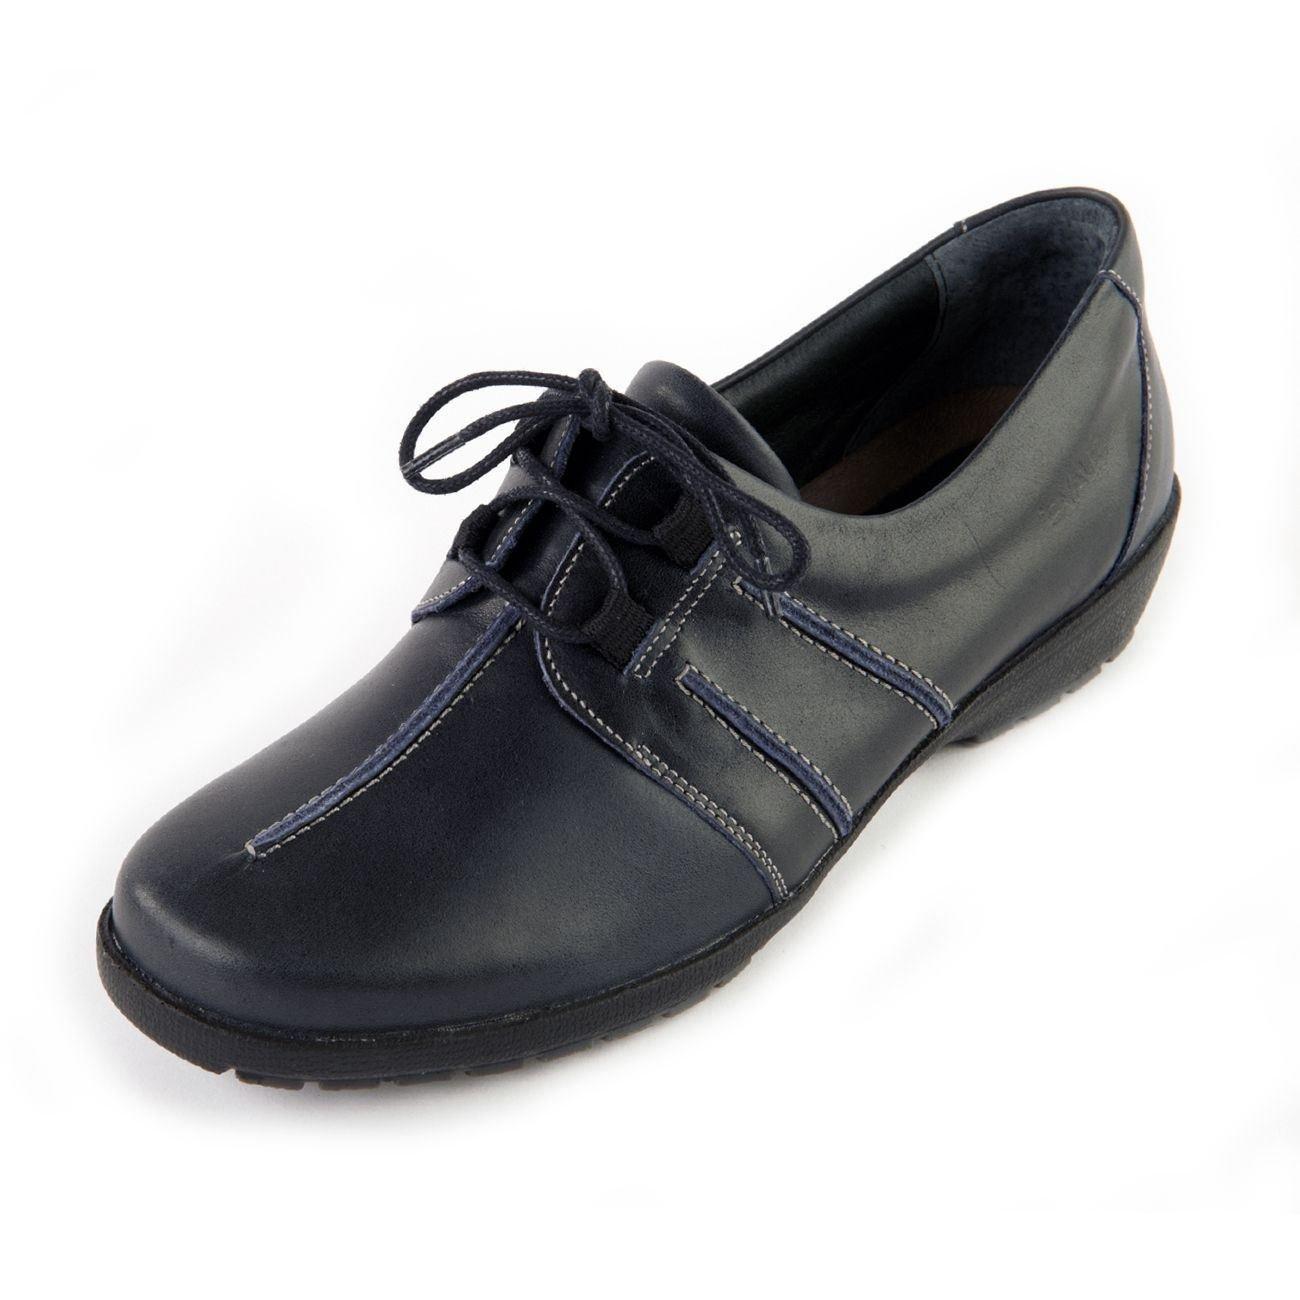 Suave - Zapatos de cordones de Otra Piel para mujer 39 EU |azul marino